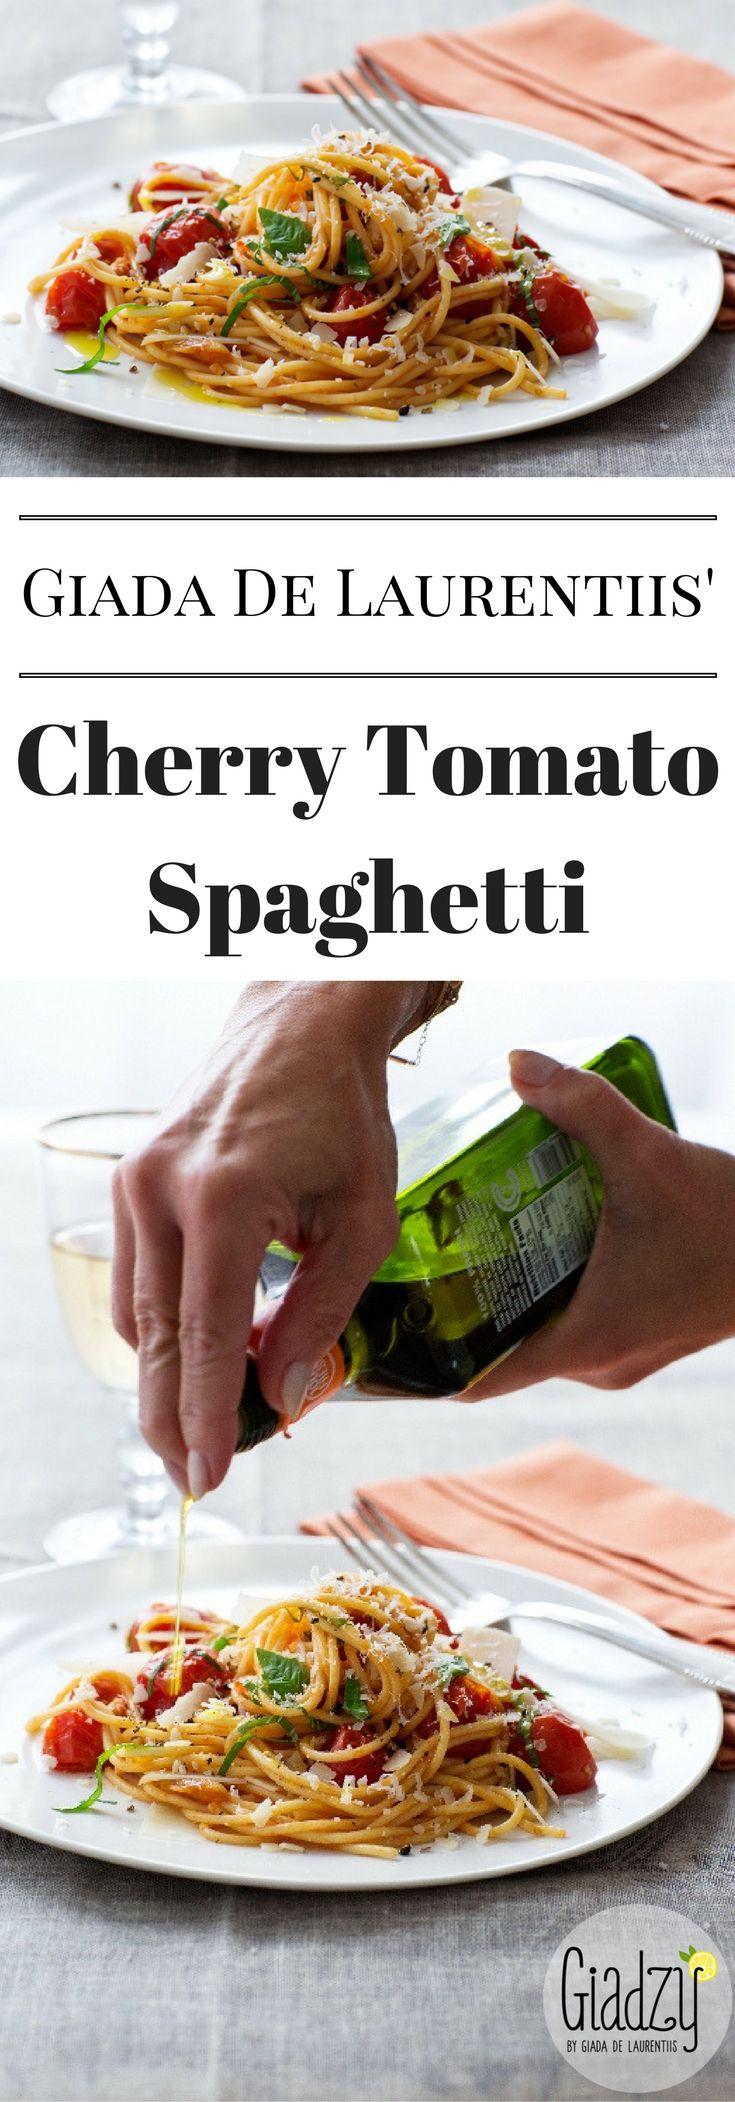 Giada's Cherry Tomato Spaghetti